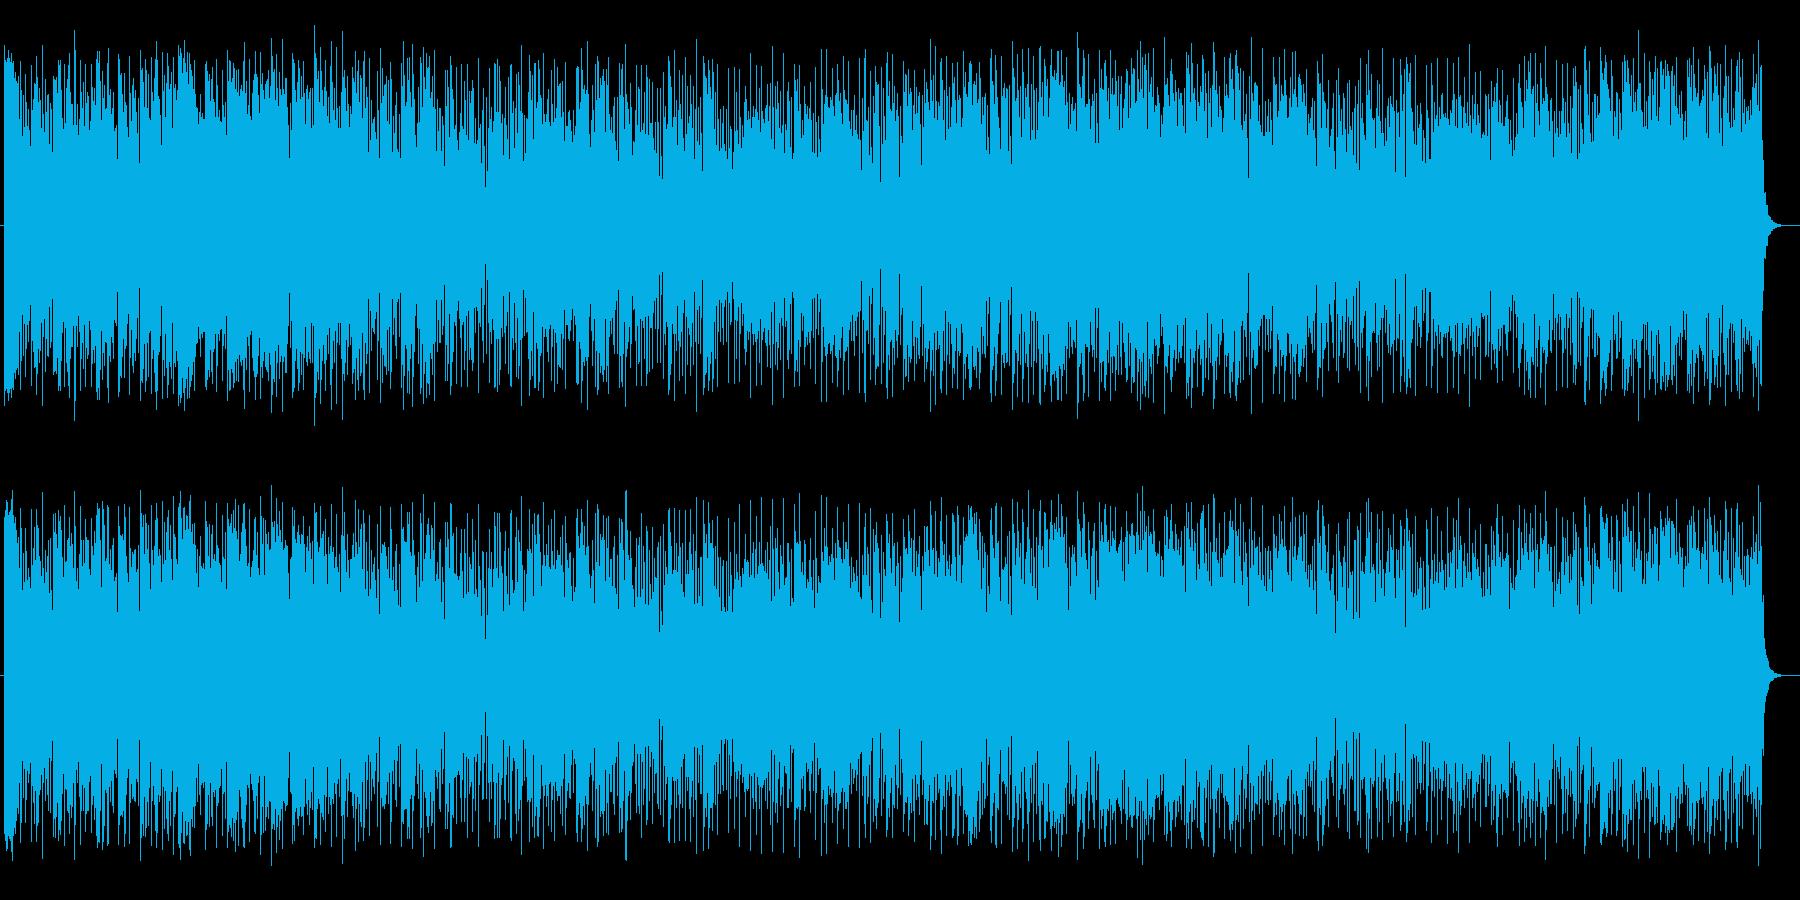 涼しげで爽やかなシンセサイザーサウンドの再生済みの波形